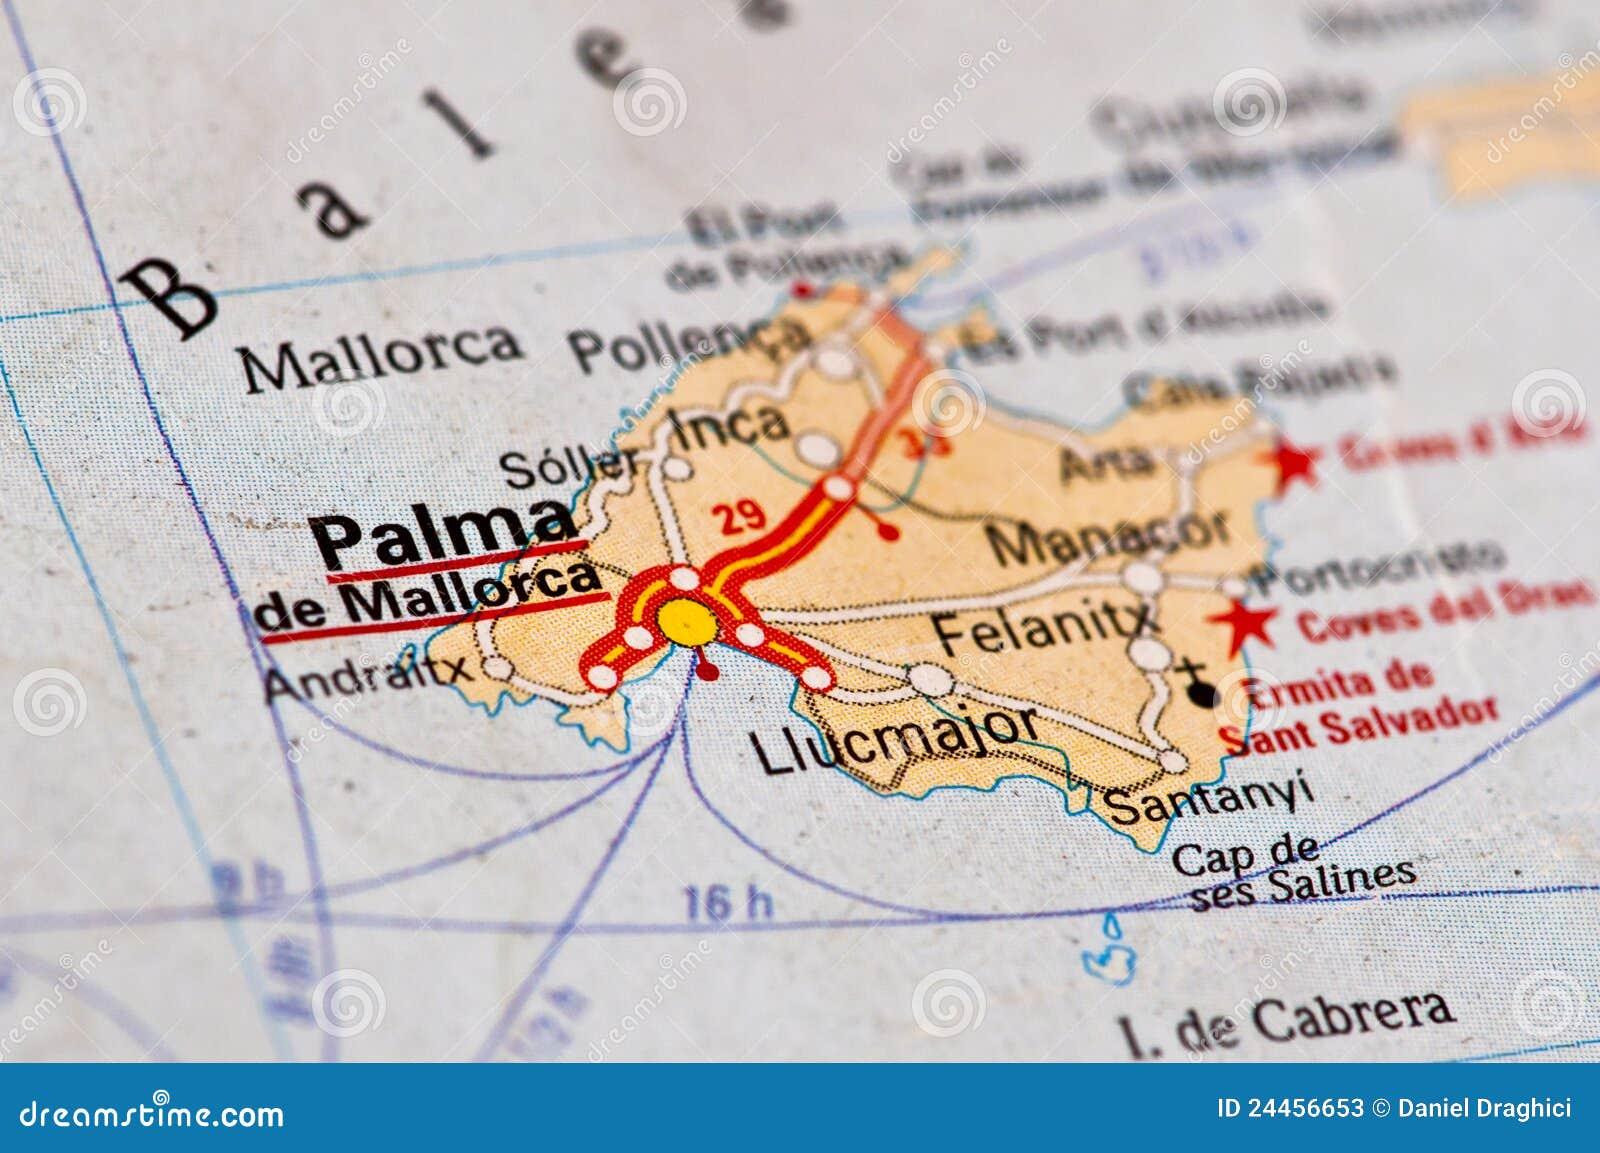 Palma De Mallorca Island Stock Photos  Image 24456653 -> Vintage Möbel Palma De Mallorca